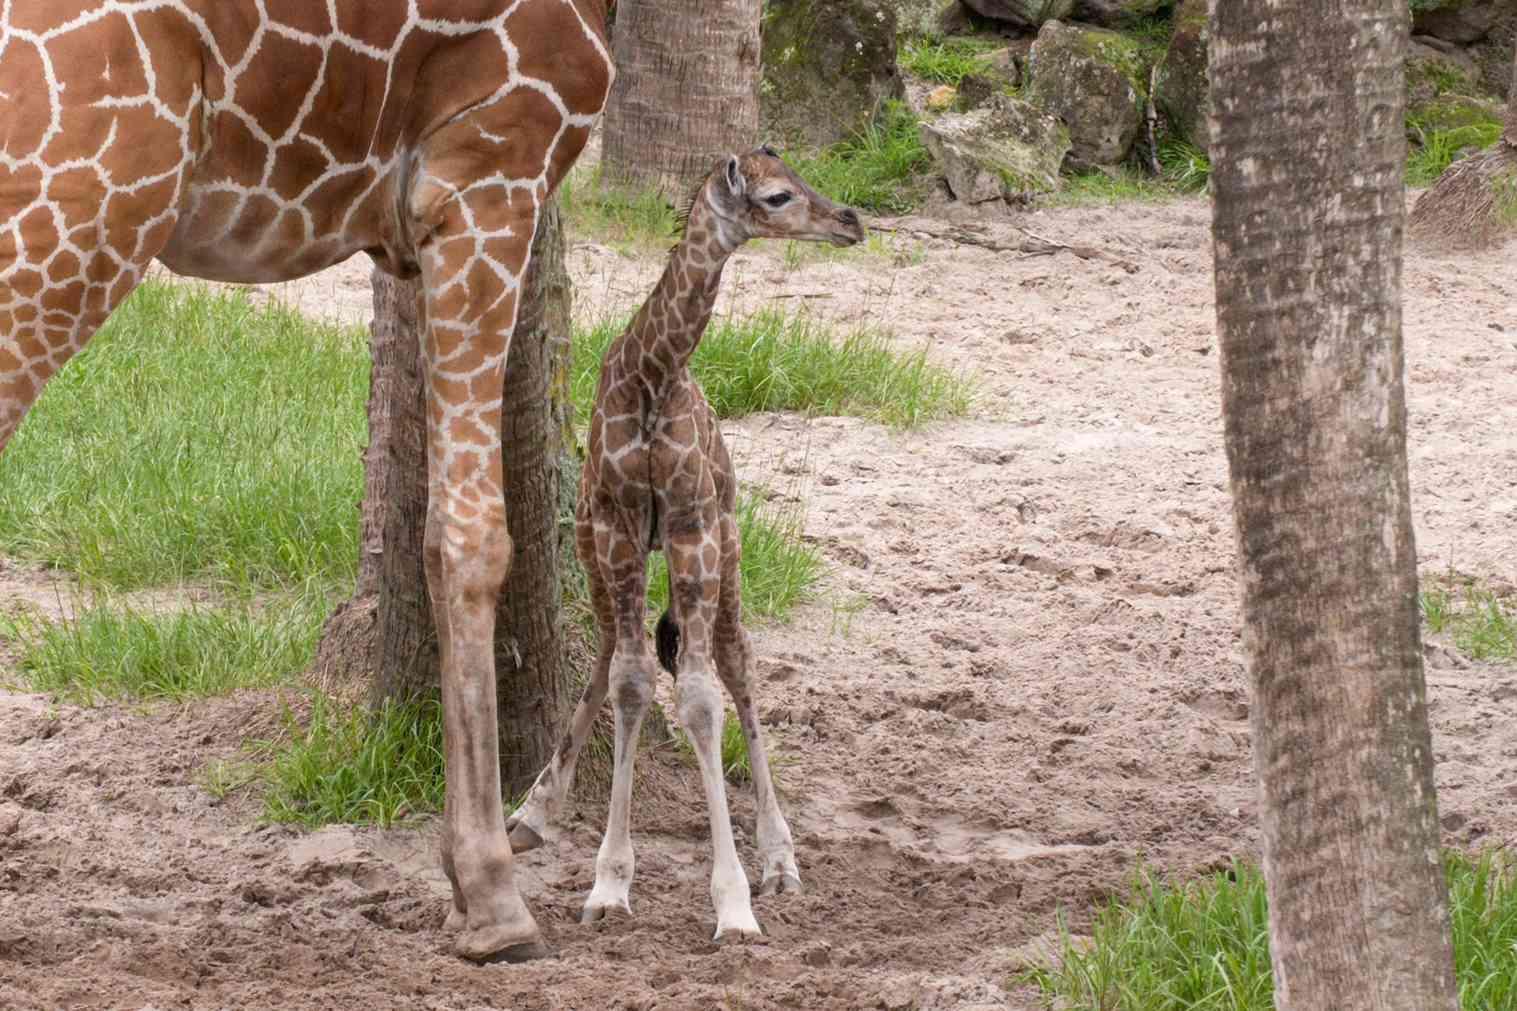 giraffe calf standing